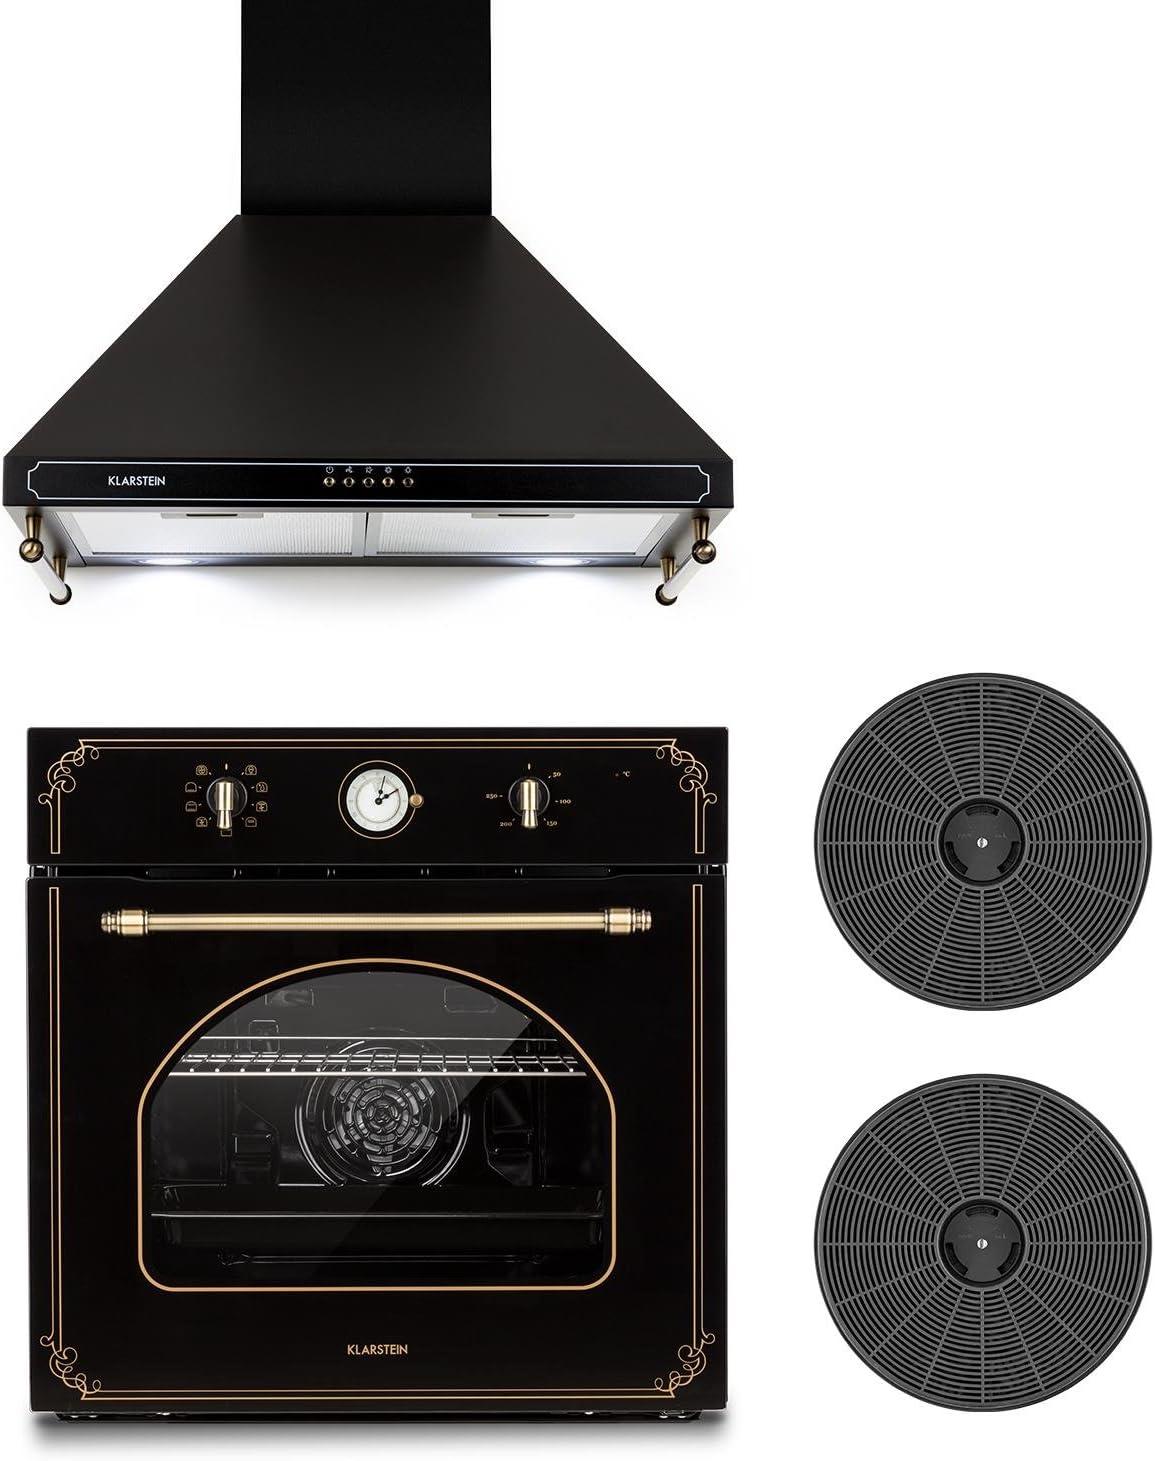 Klarstein Victoria Set - Horno eléctrico, Horno de cocina, Campana extractora, 600 m³/h, 50-250 °C, 70 litros, 2 filtros de carbón activo, Negro: Amazon.es: Hogar